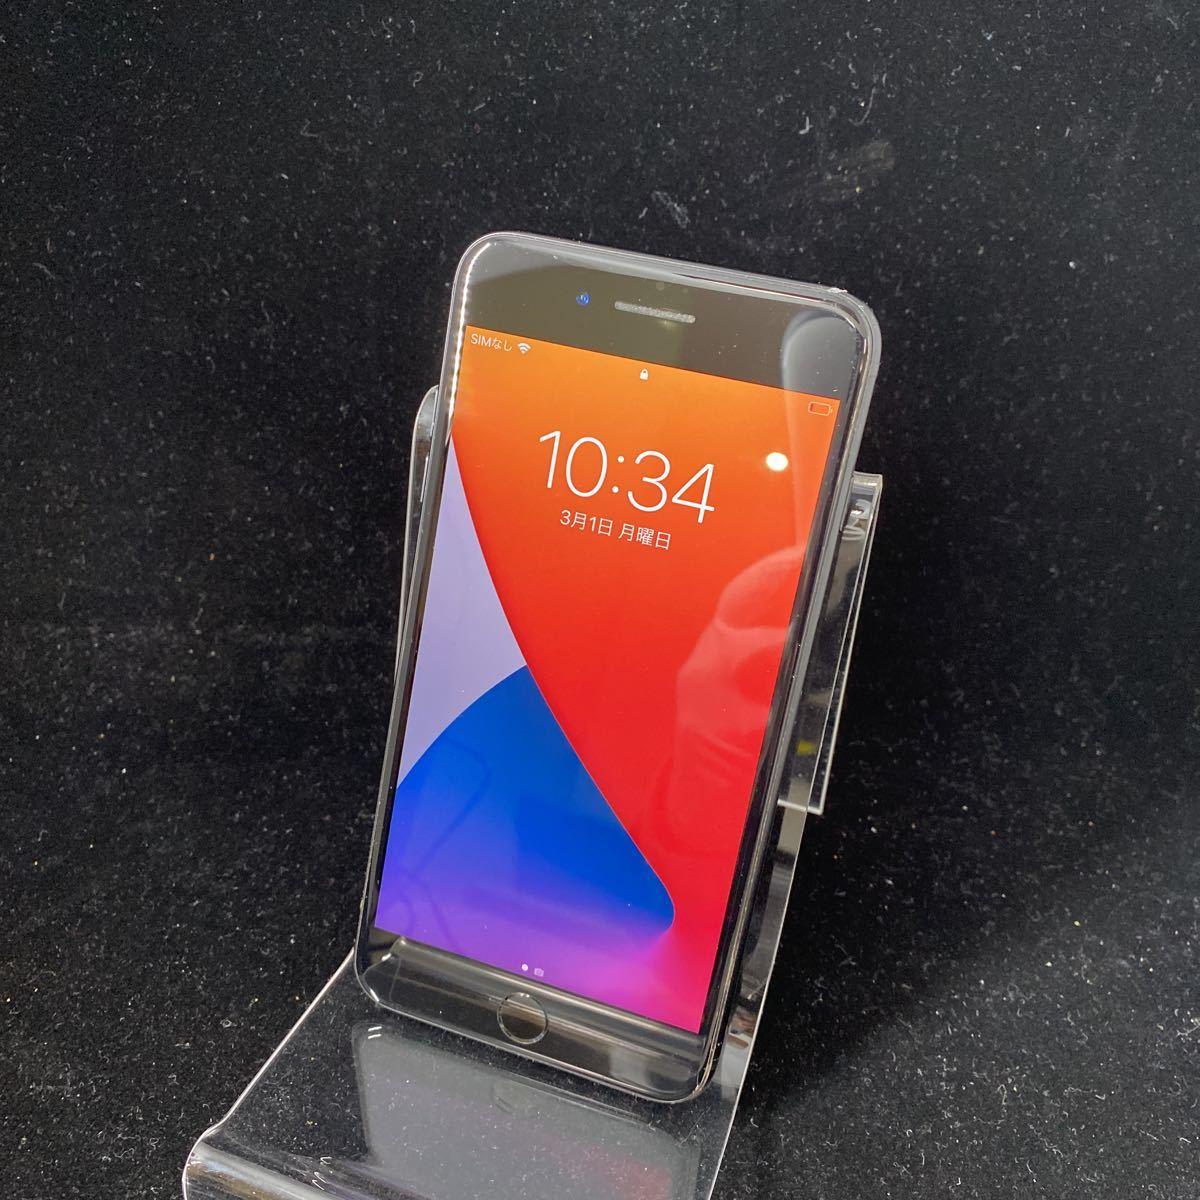 SIMフリー iPhone7 Plus 128GB Jet Black シムフリー アイフォン7 プラス ジェットブラック 黒 本体_画像1